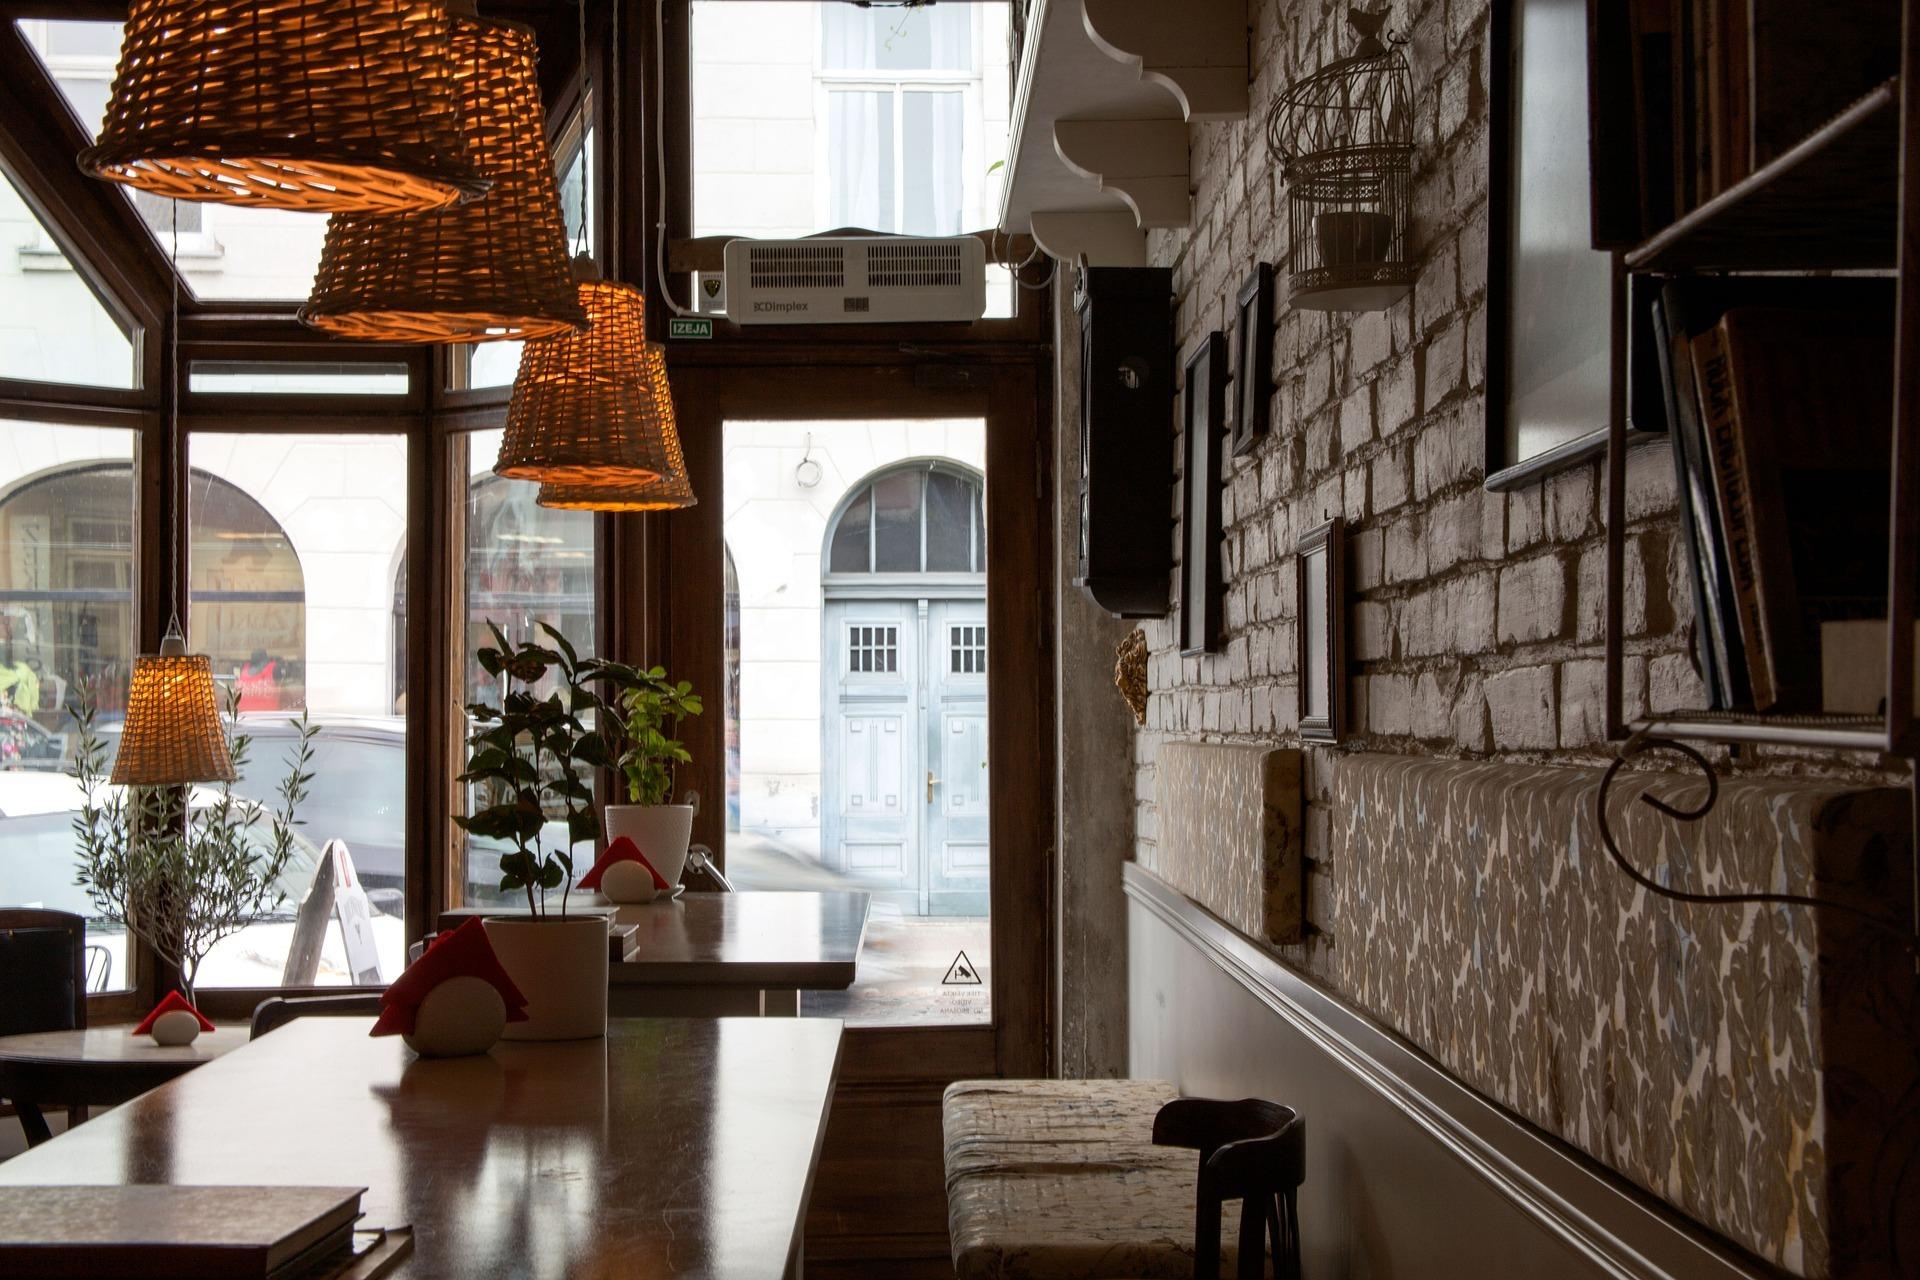 つくばのおしゃれなカフェ17選!ランチやディナーにおすすめの人気店をご紹介!